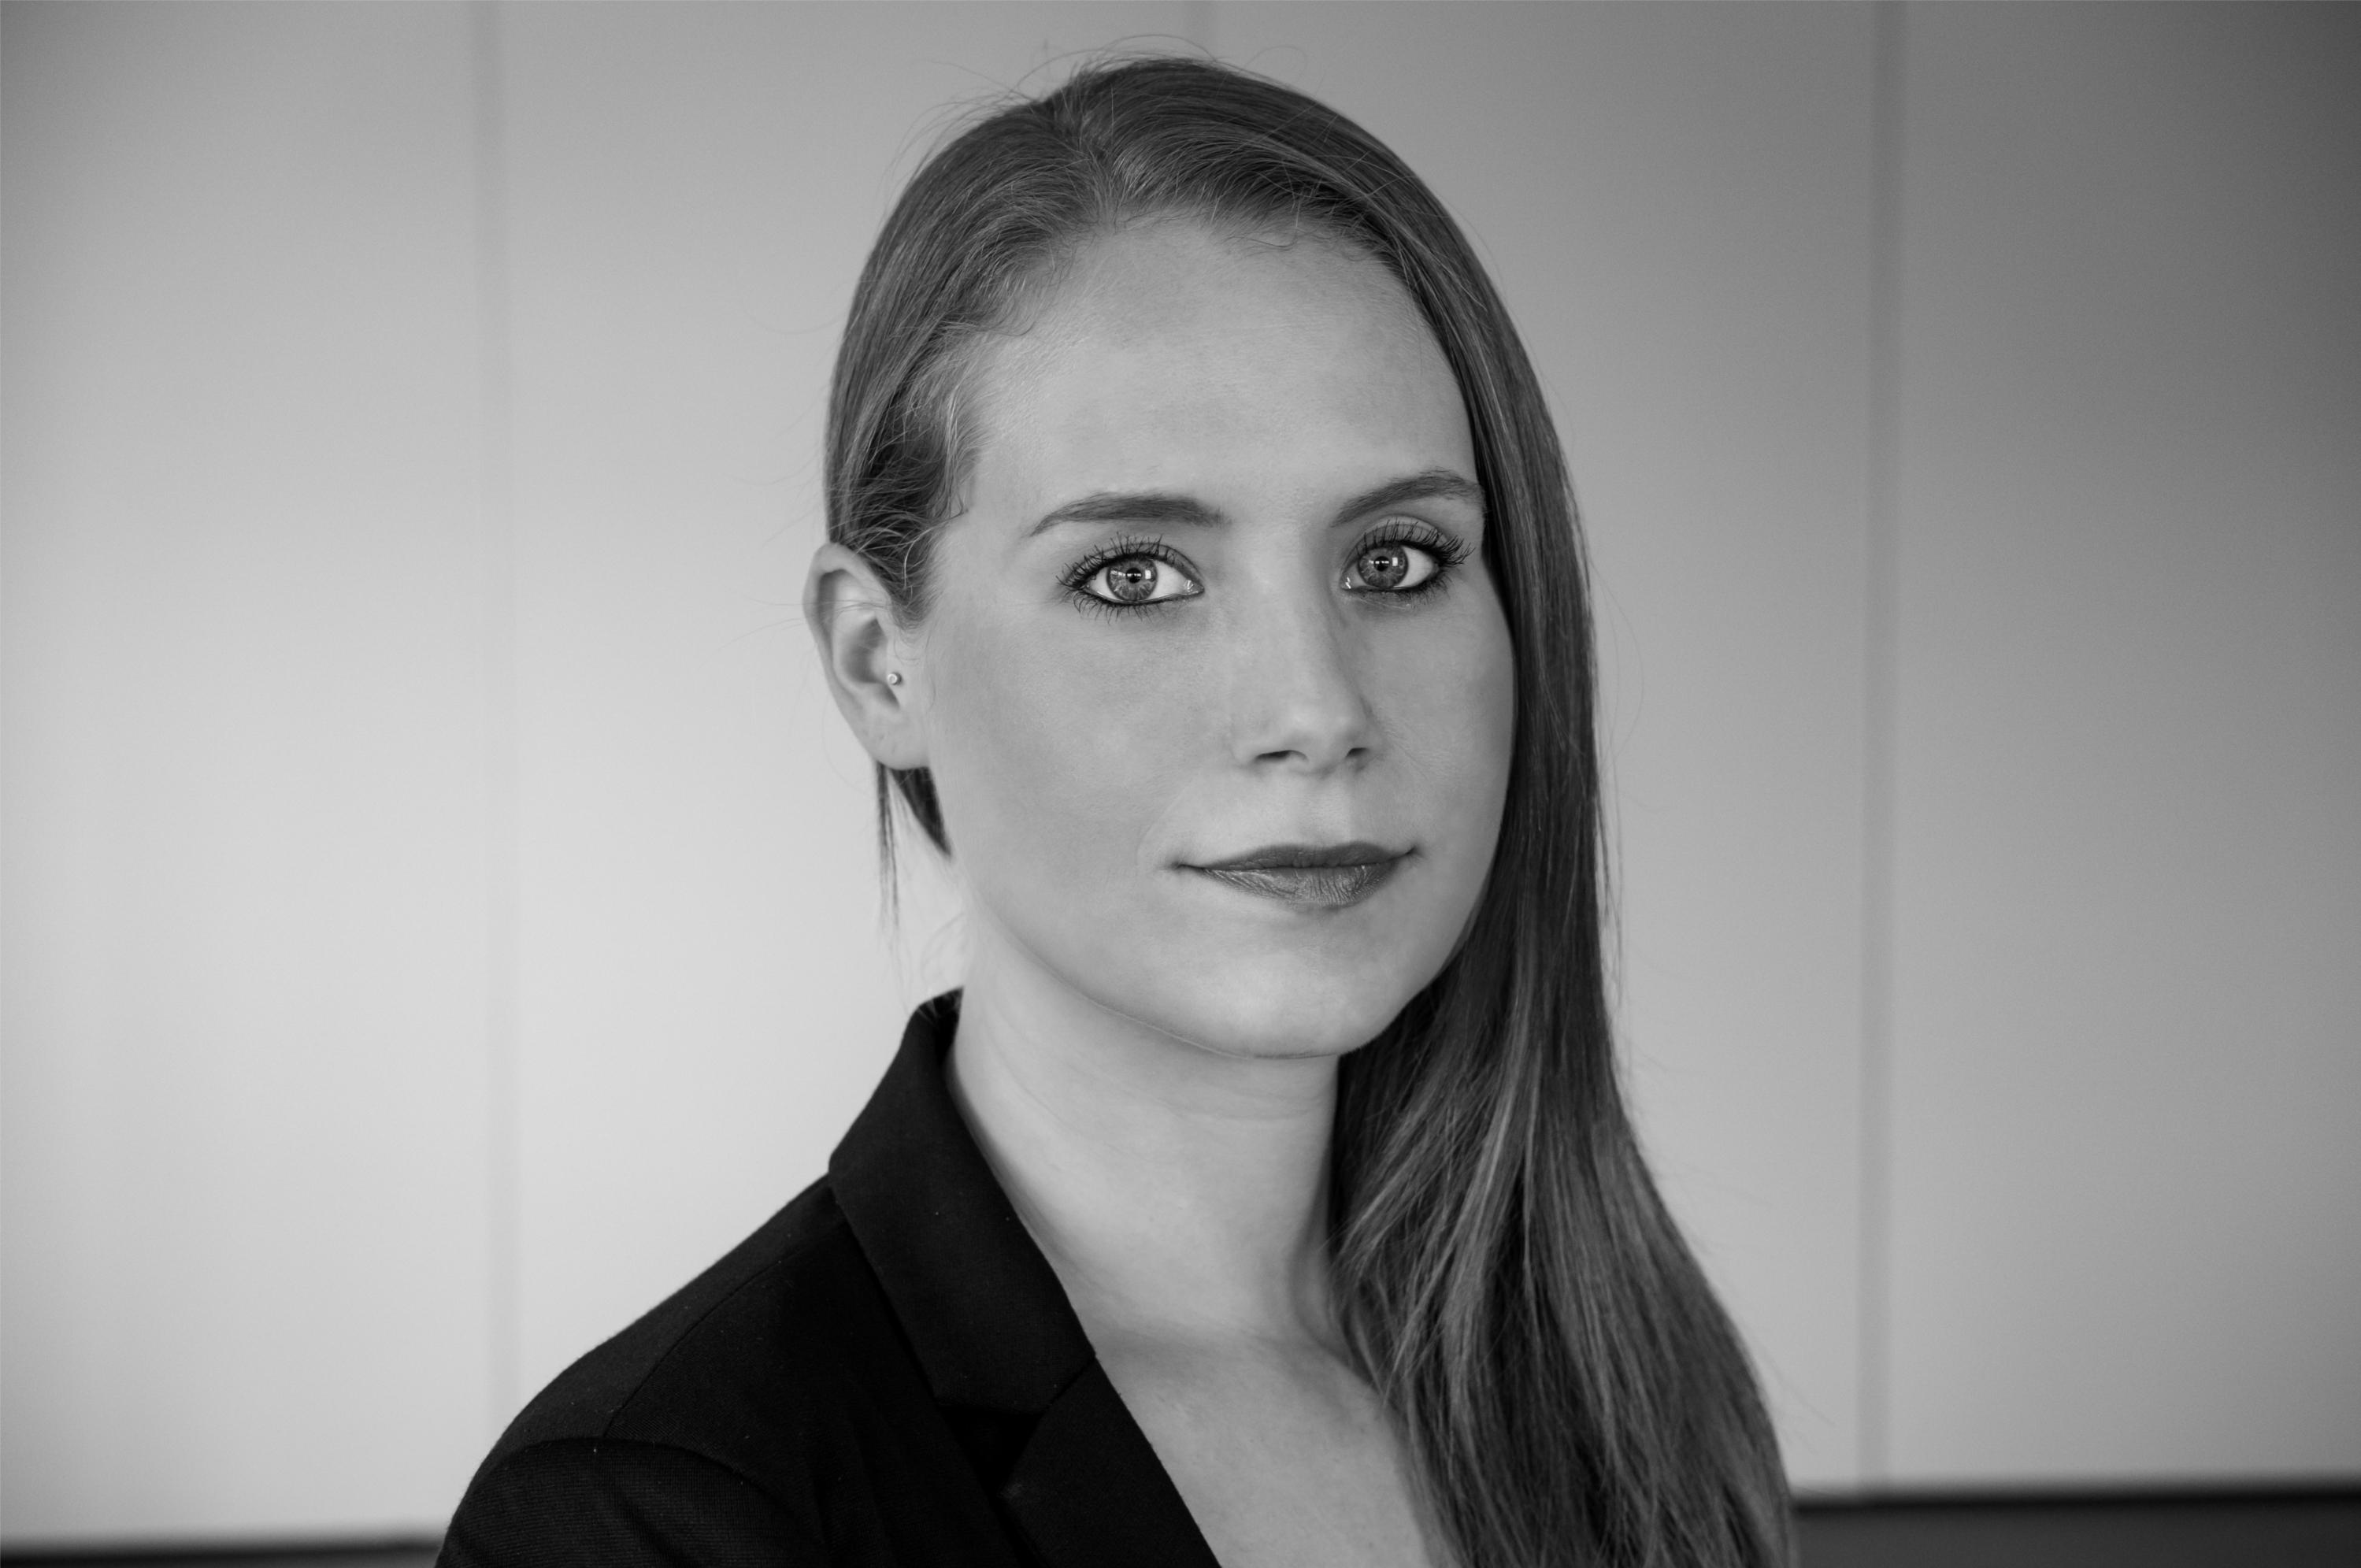 Denise Befeldt